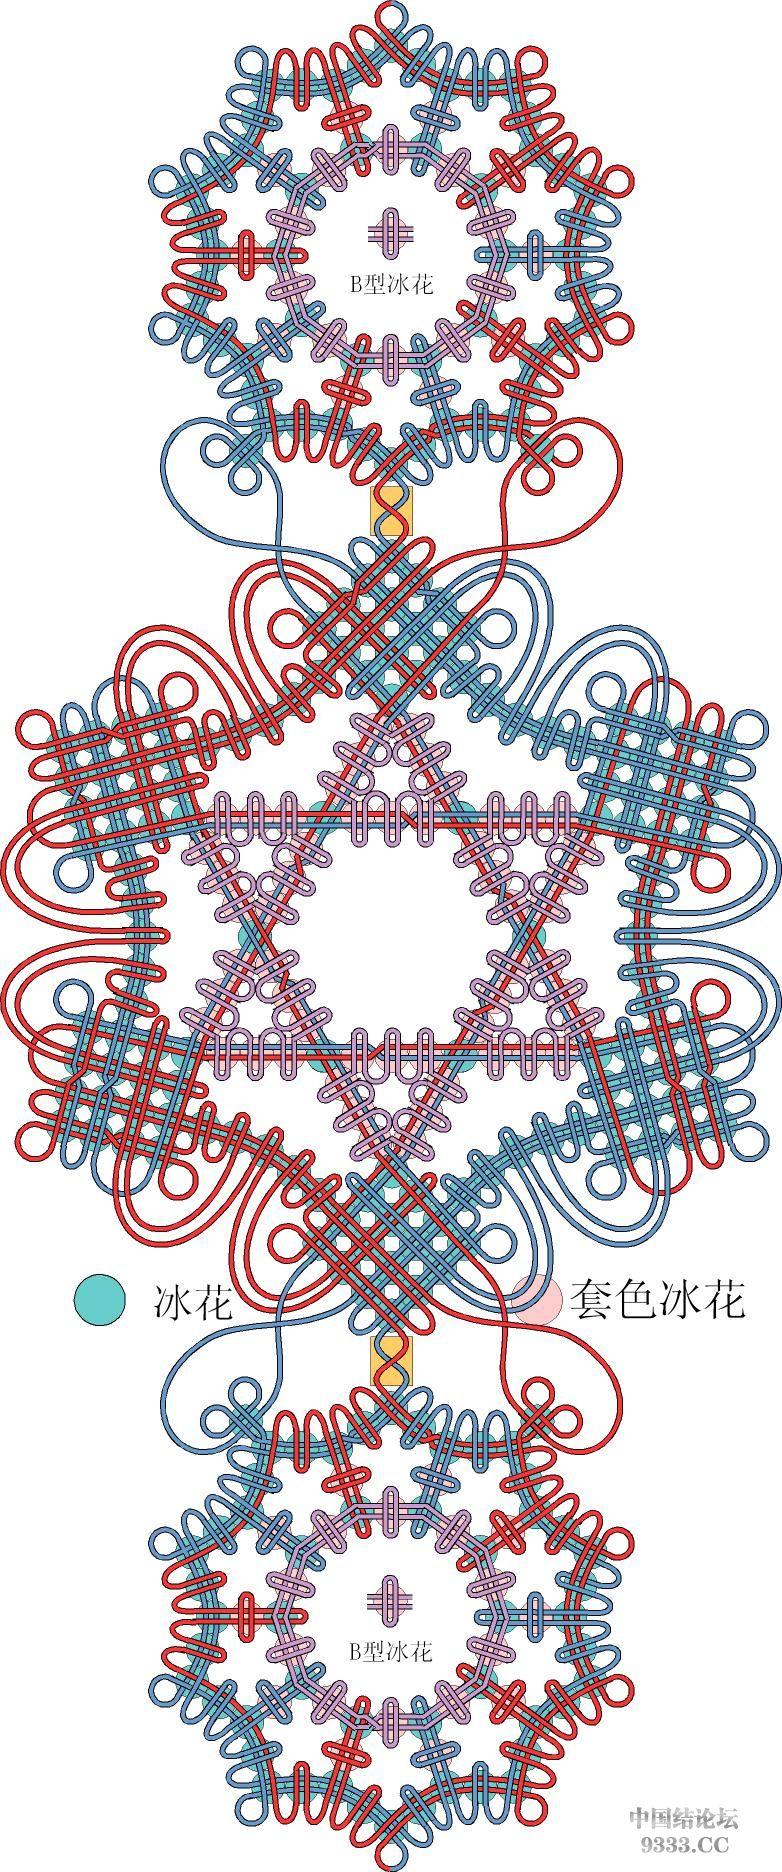 中国结论坛   冰花结(华瑶结)的教程与讨论区 09081916378278dd2616dd12e2